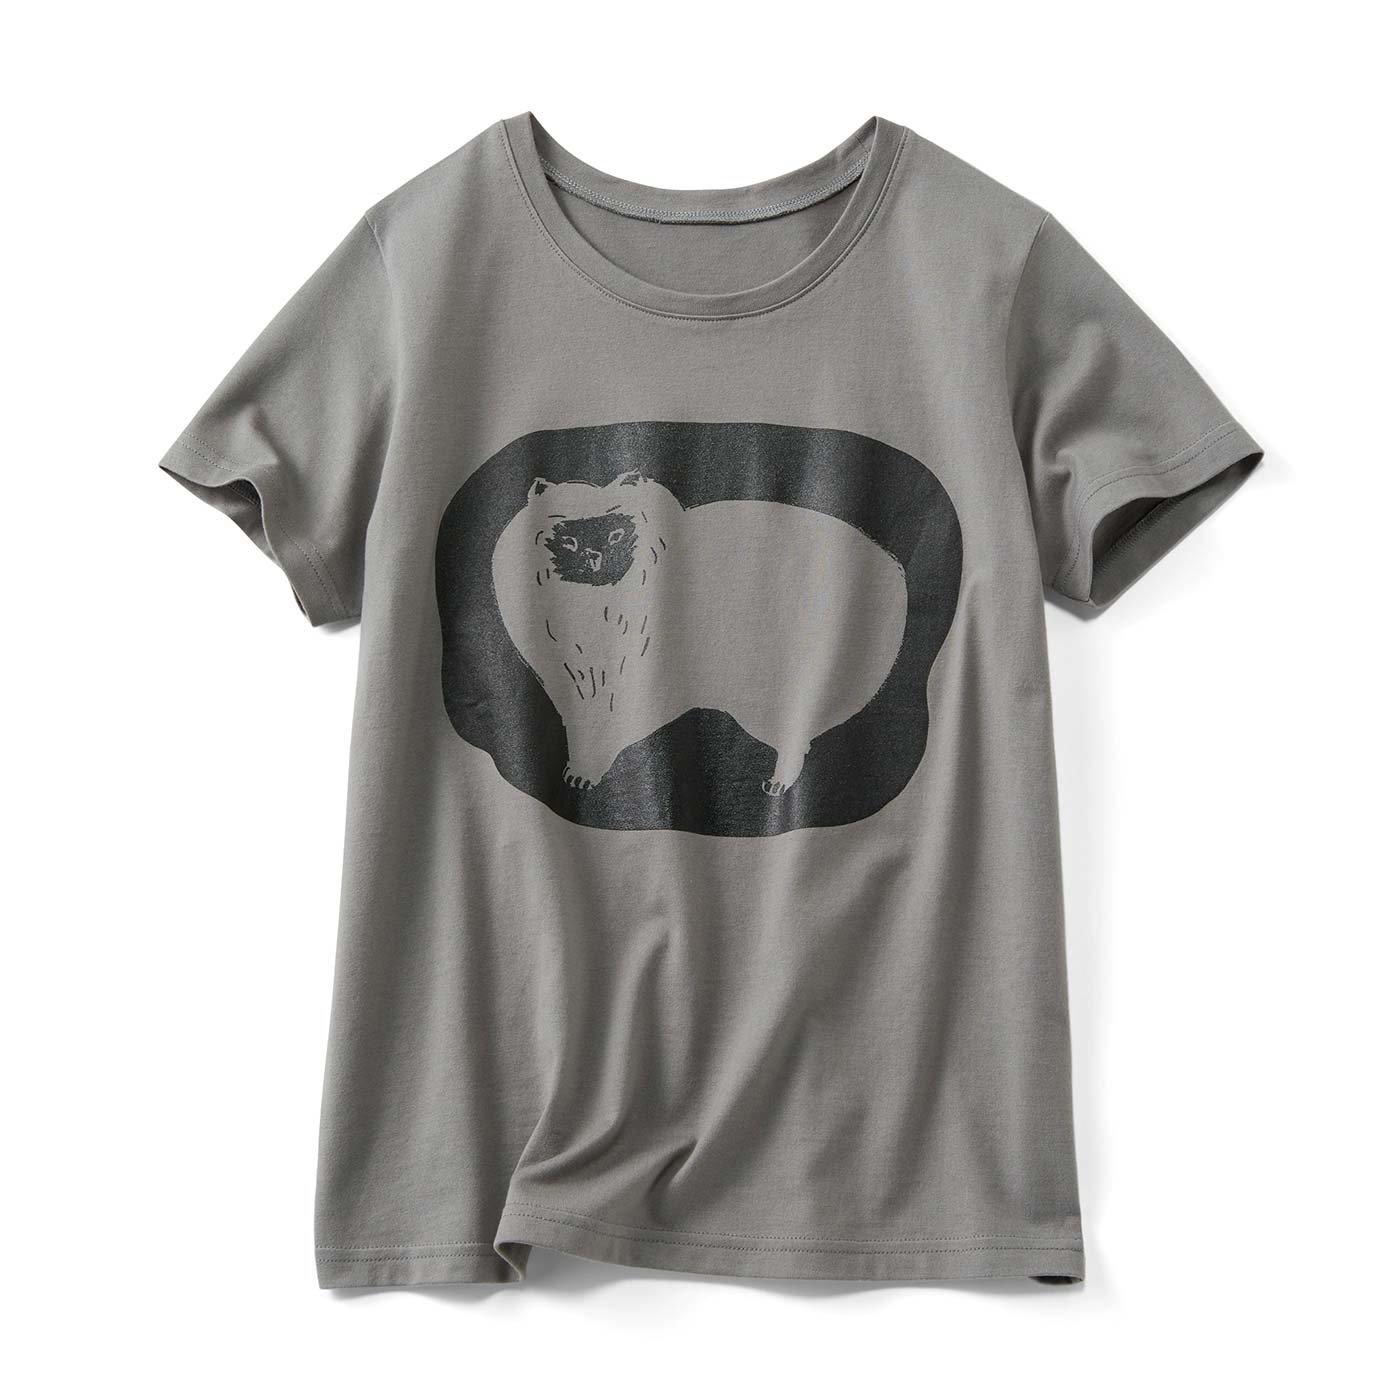 アニマルドローイングTシャツ〈タヌキみたいなネコ〉